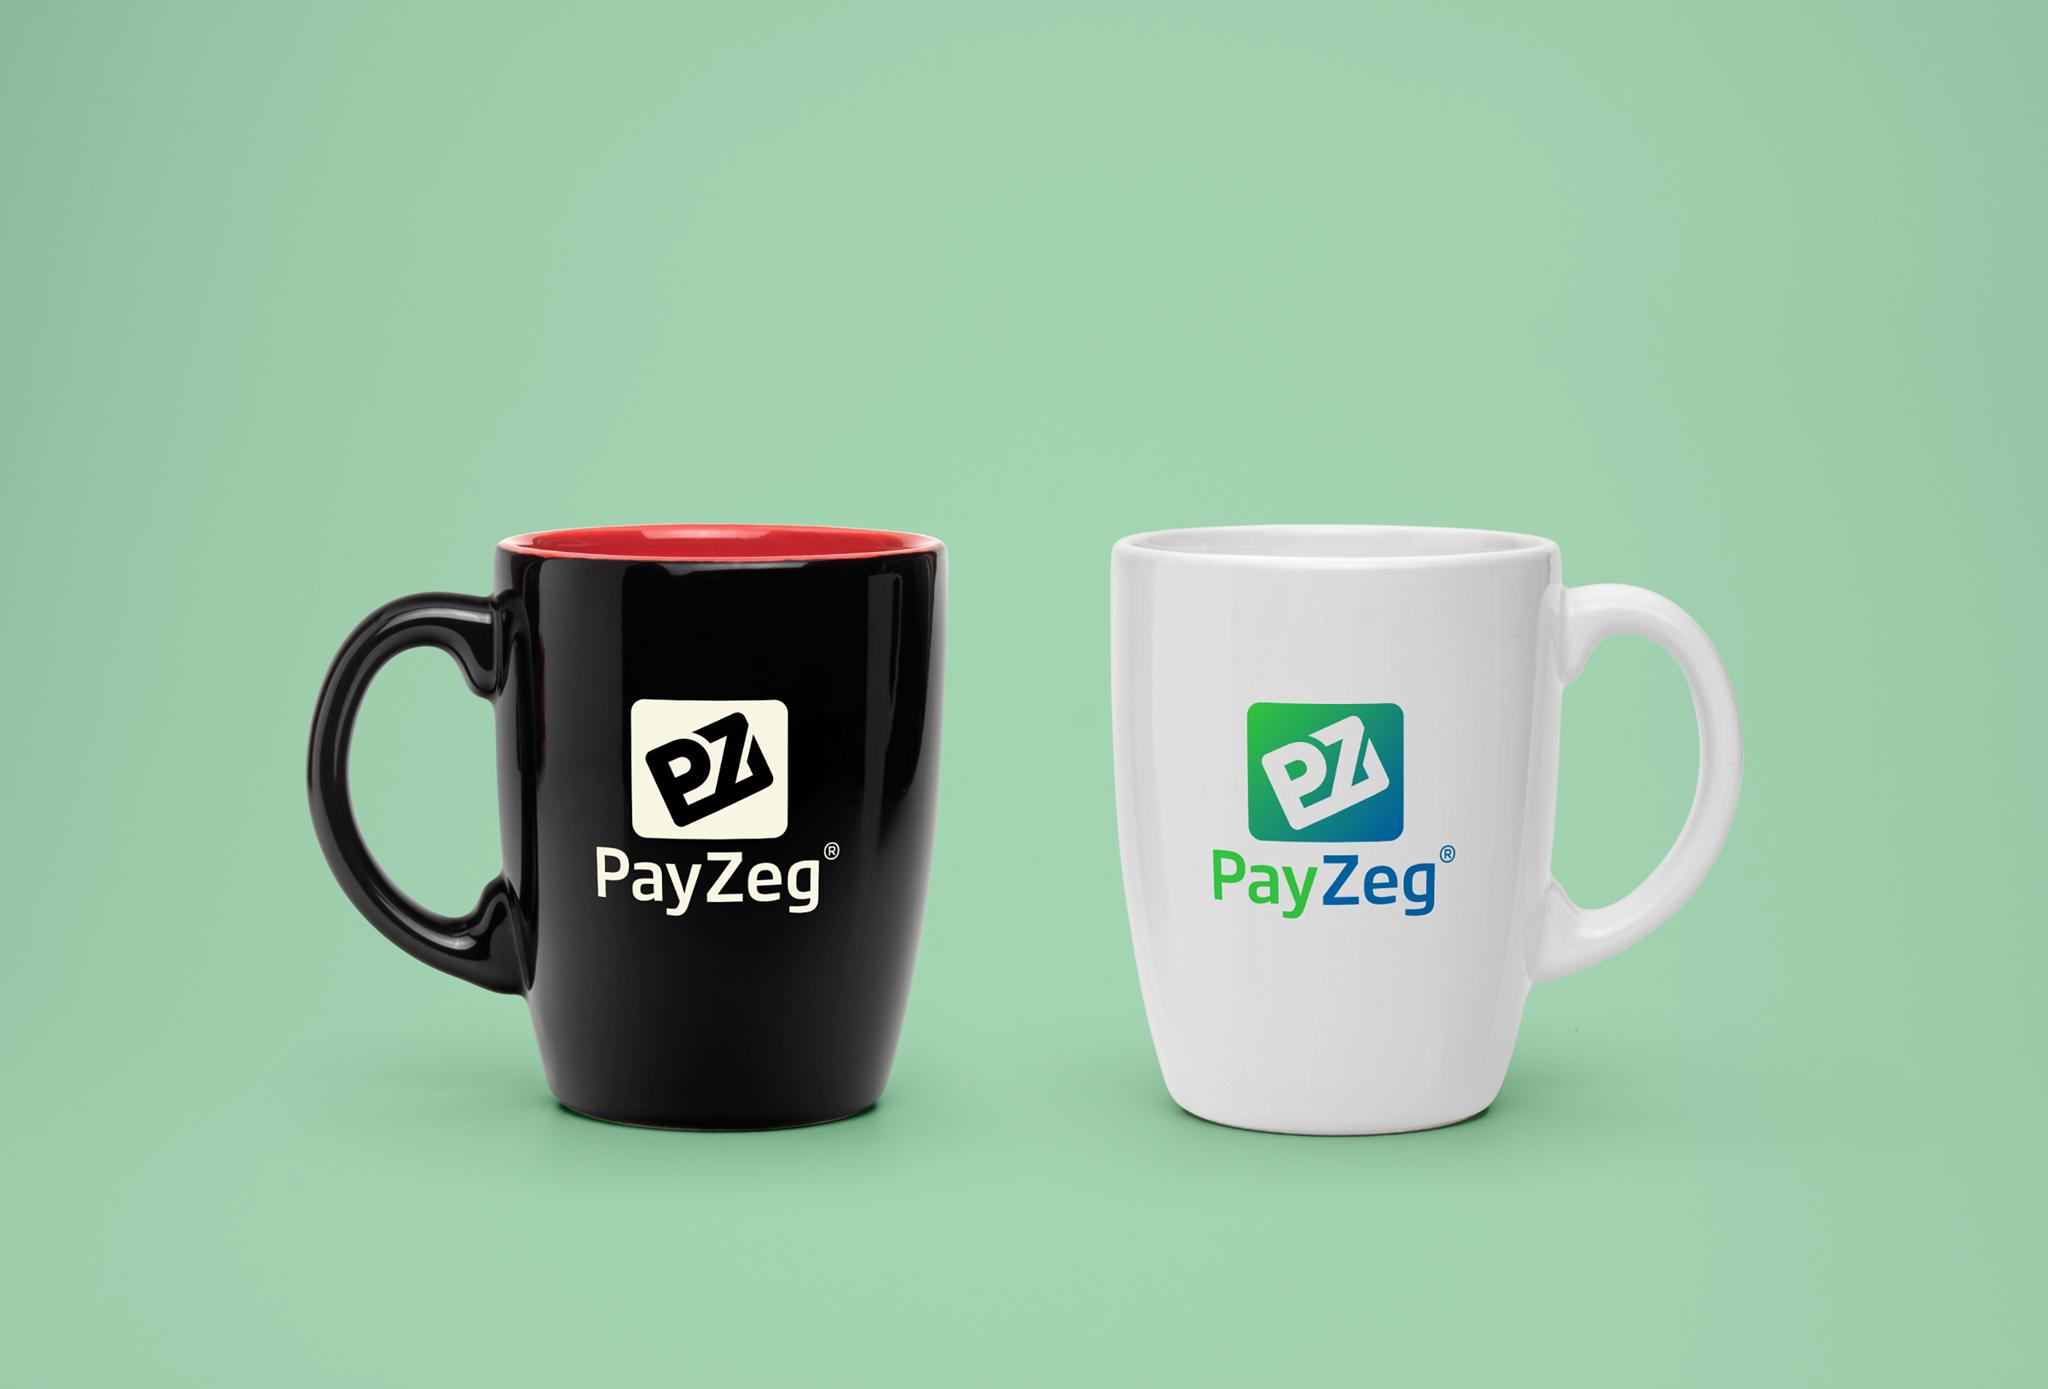 PayZeg ლოგოს დიზაინი, ლოგოს დამზადება, ლოგოს დიზაინი, ლოგოების შექმნა, ლოგოების დამზადება, ლოგოს დამზადების ფასი, ბრენდინგი, ბანერების დამზადება, ლოგოტიპის შექმნა, ლოგოტიპების დიზაინი, ოპტიმიზაცია, facebook დიზაინი, ვებგვერდის დიზაინი, ლოგოების დიზაინი, ლოგოტიპების დამზადება, saitebis damzadeba, logoebis damzadeba, saitis damzadeba, logos damzadeba,